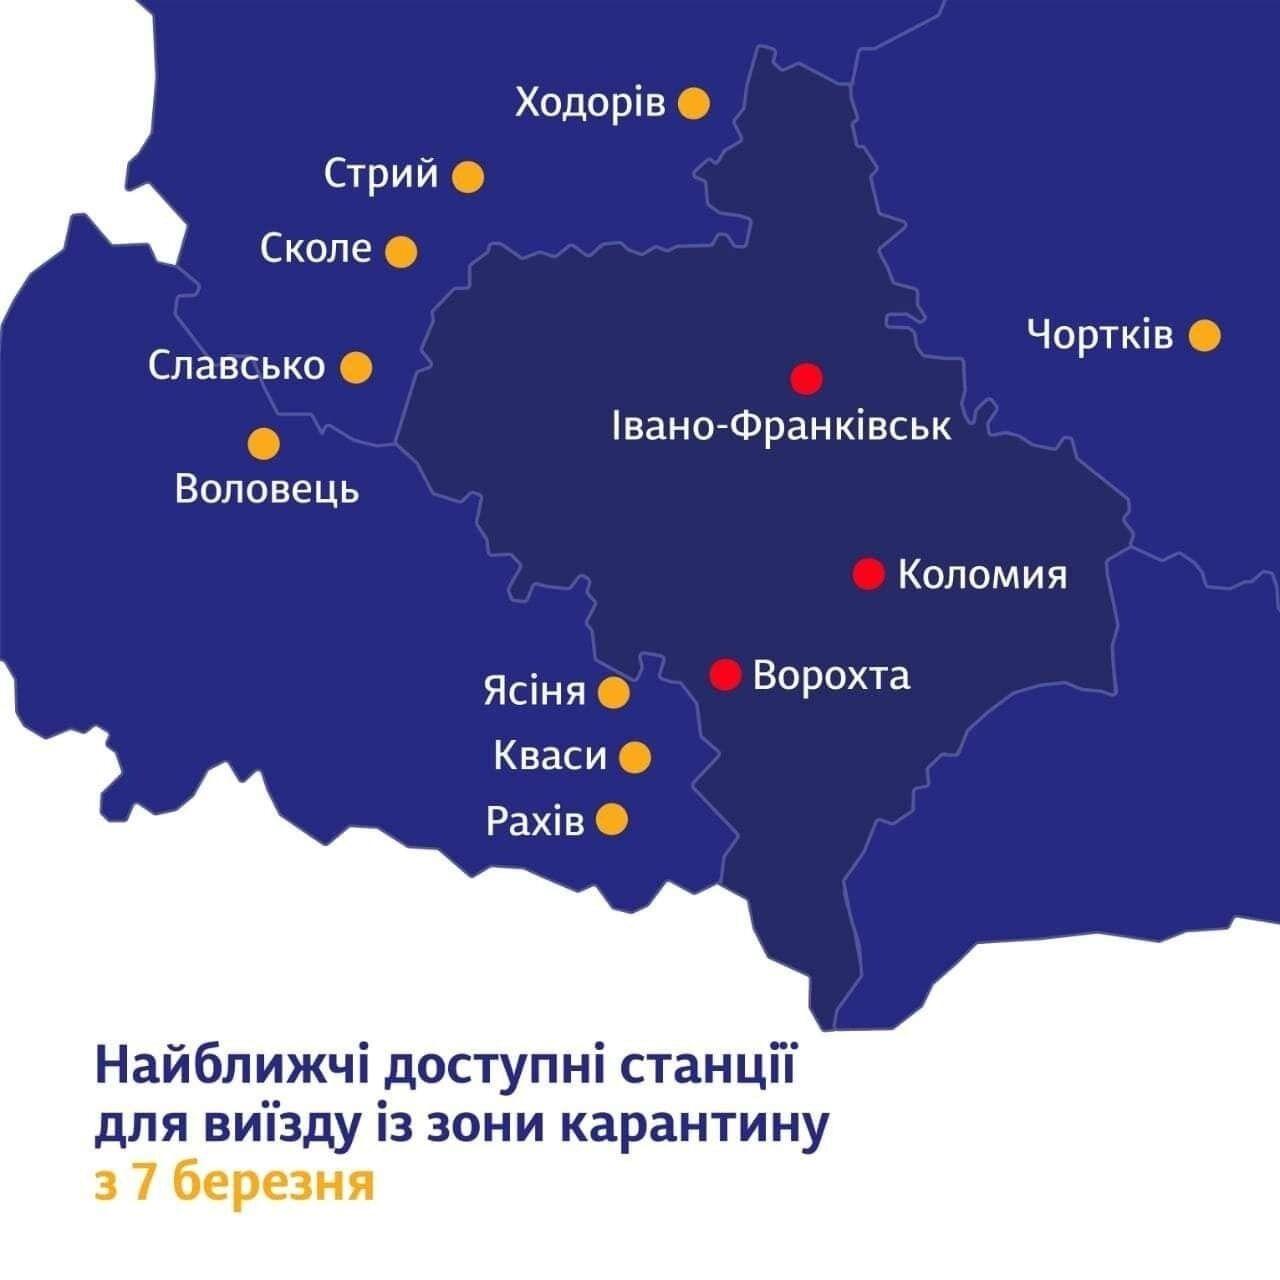 Доступные станции для выезда из зоны карантина на Прикарпатье с 7 марта